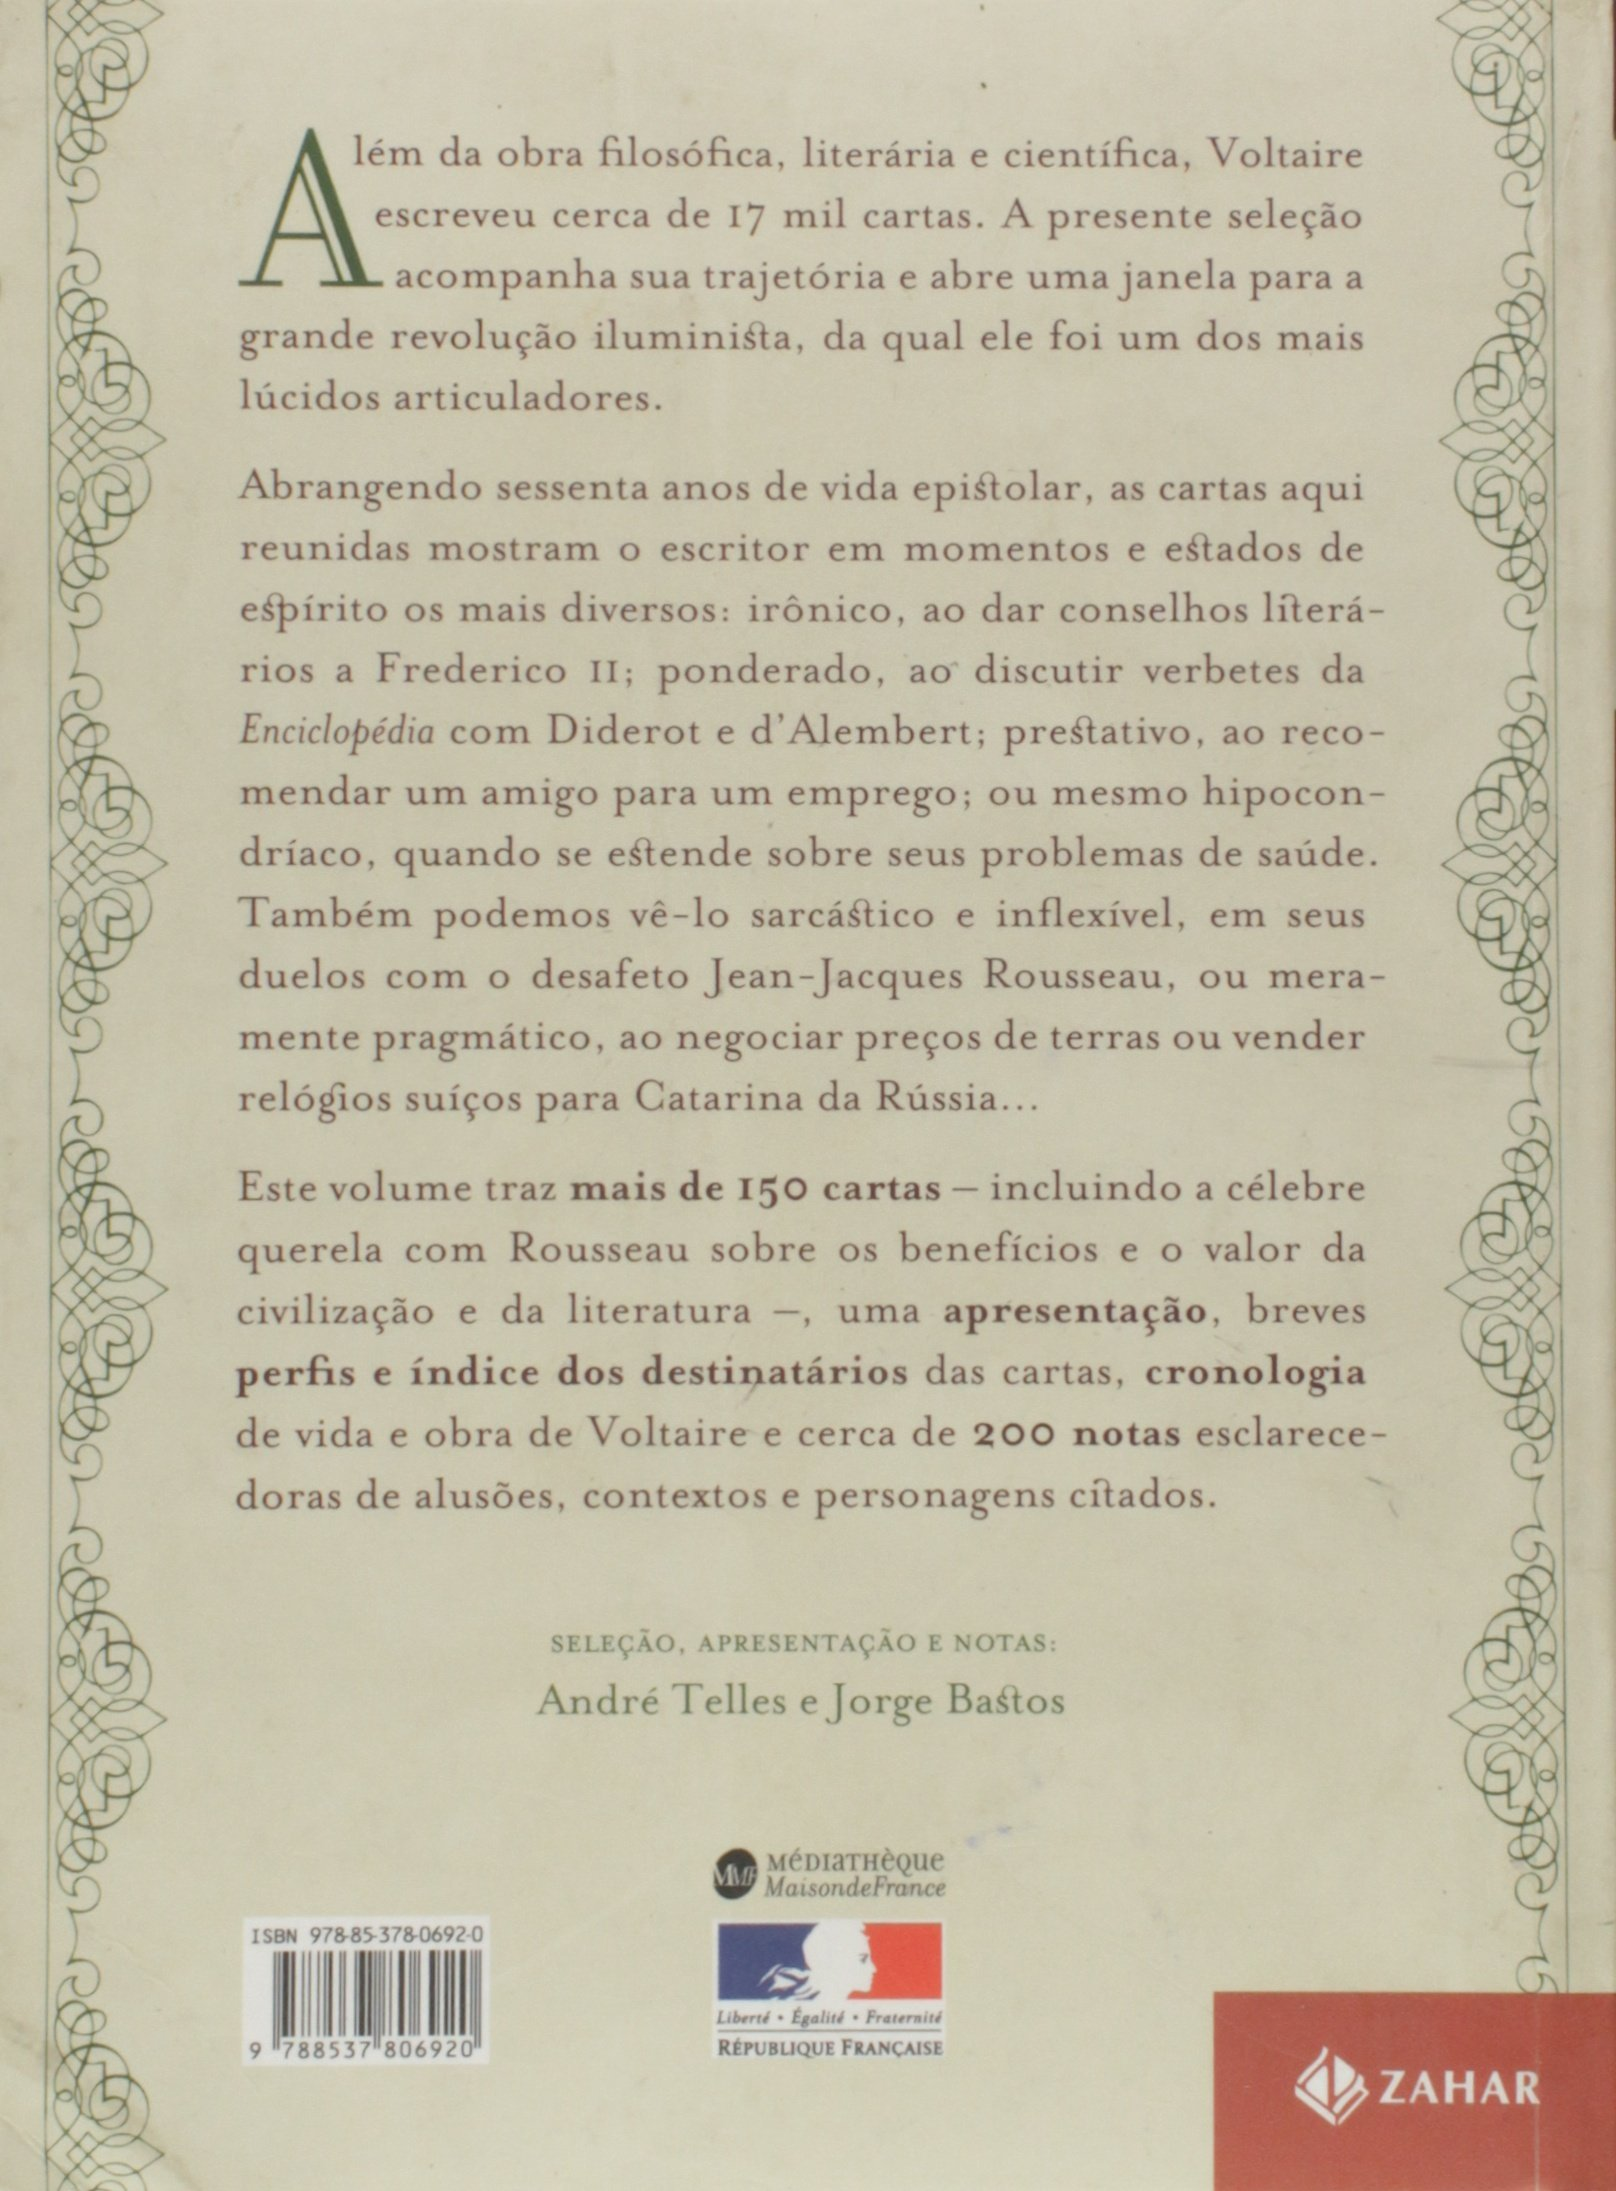 Cartas Iluministas: Correspondencia Selecionada E (Em ...